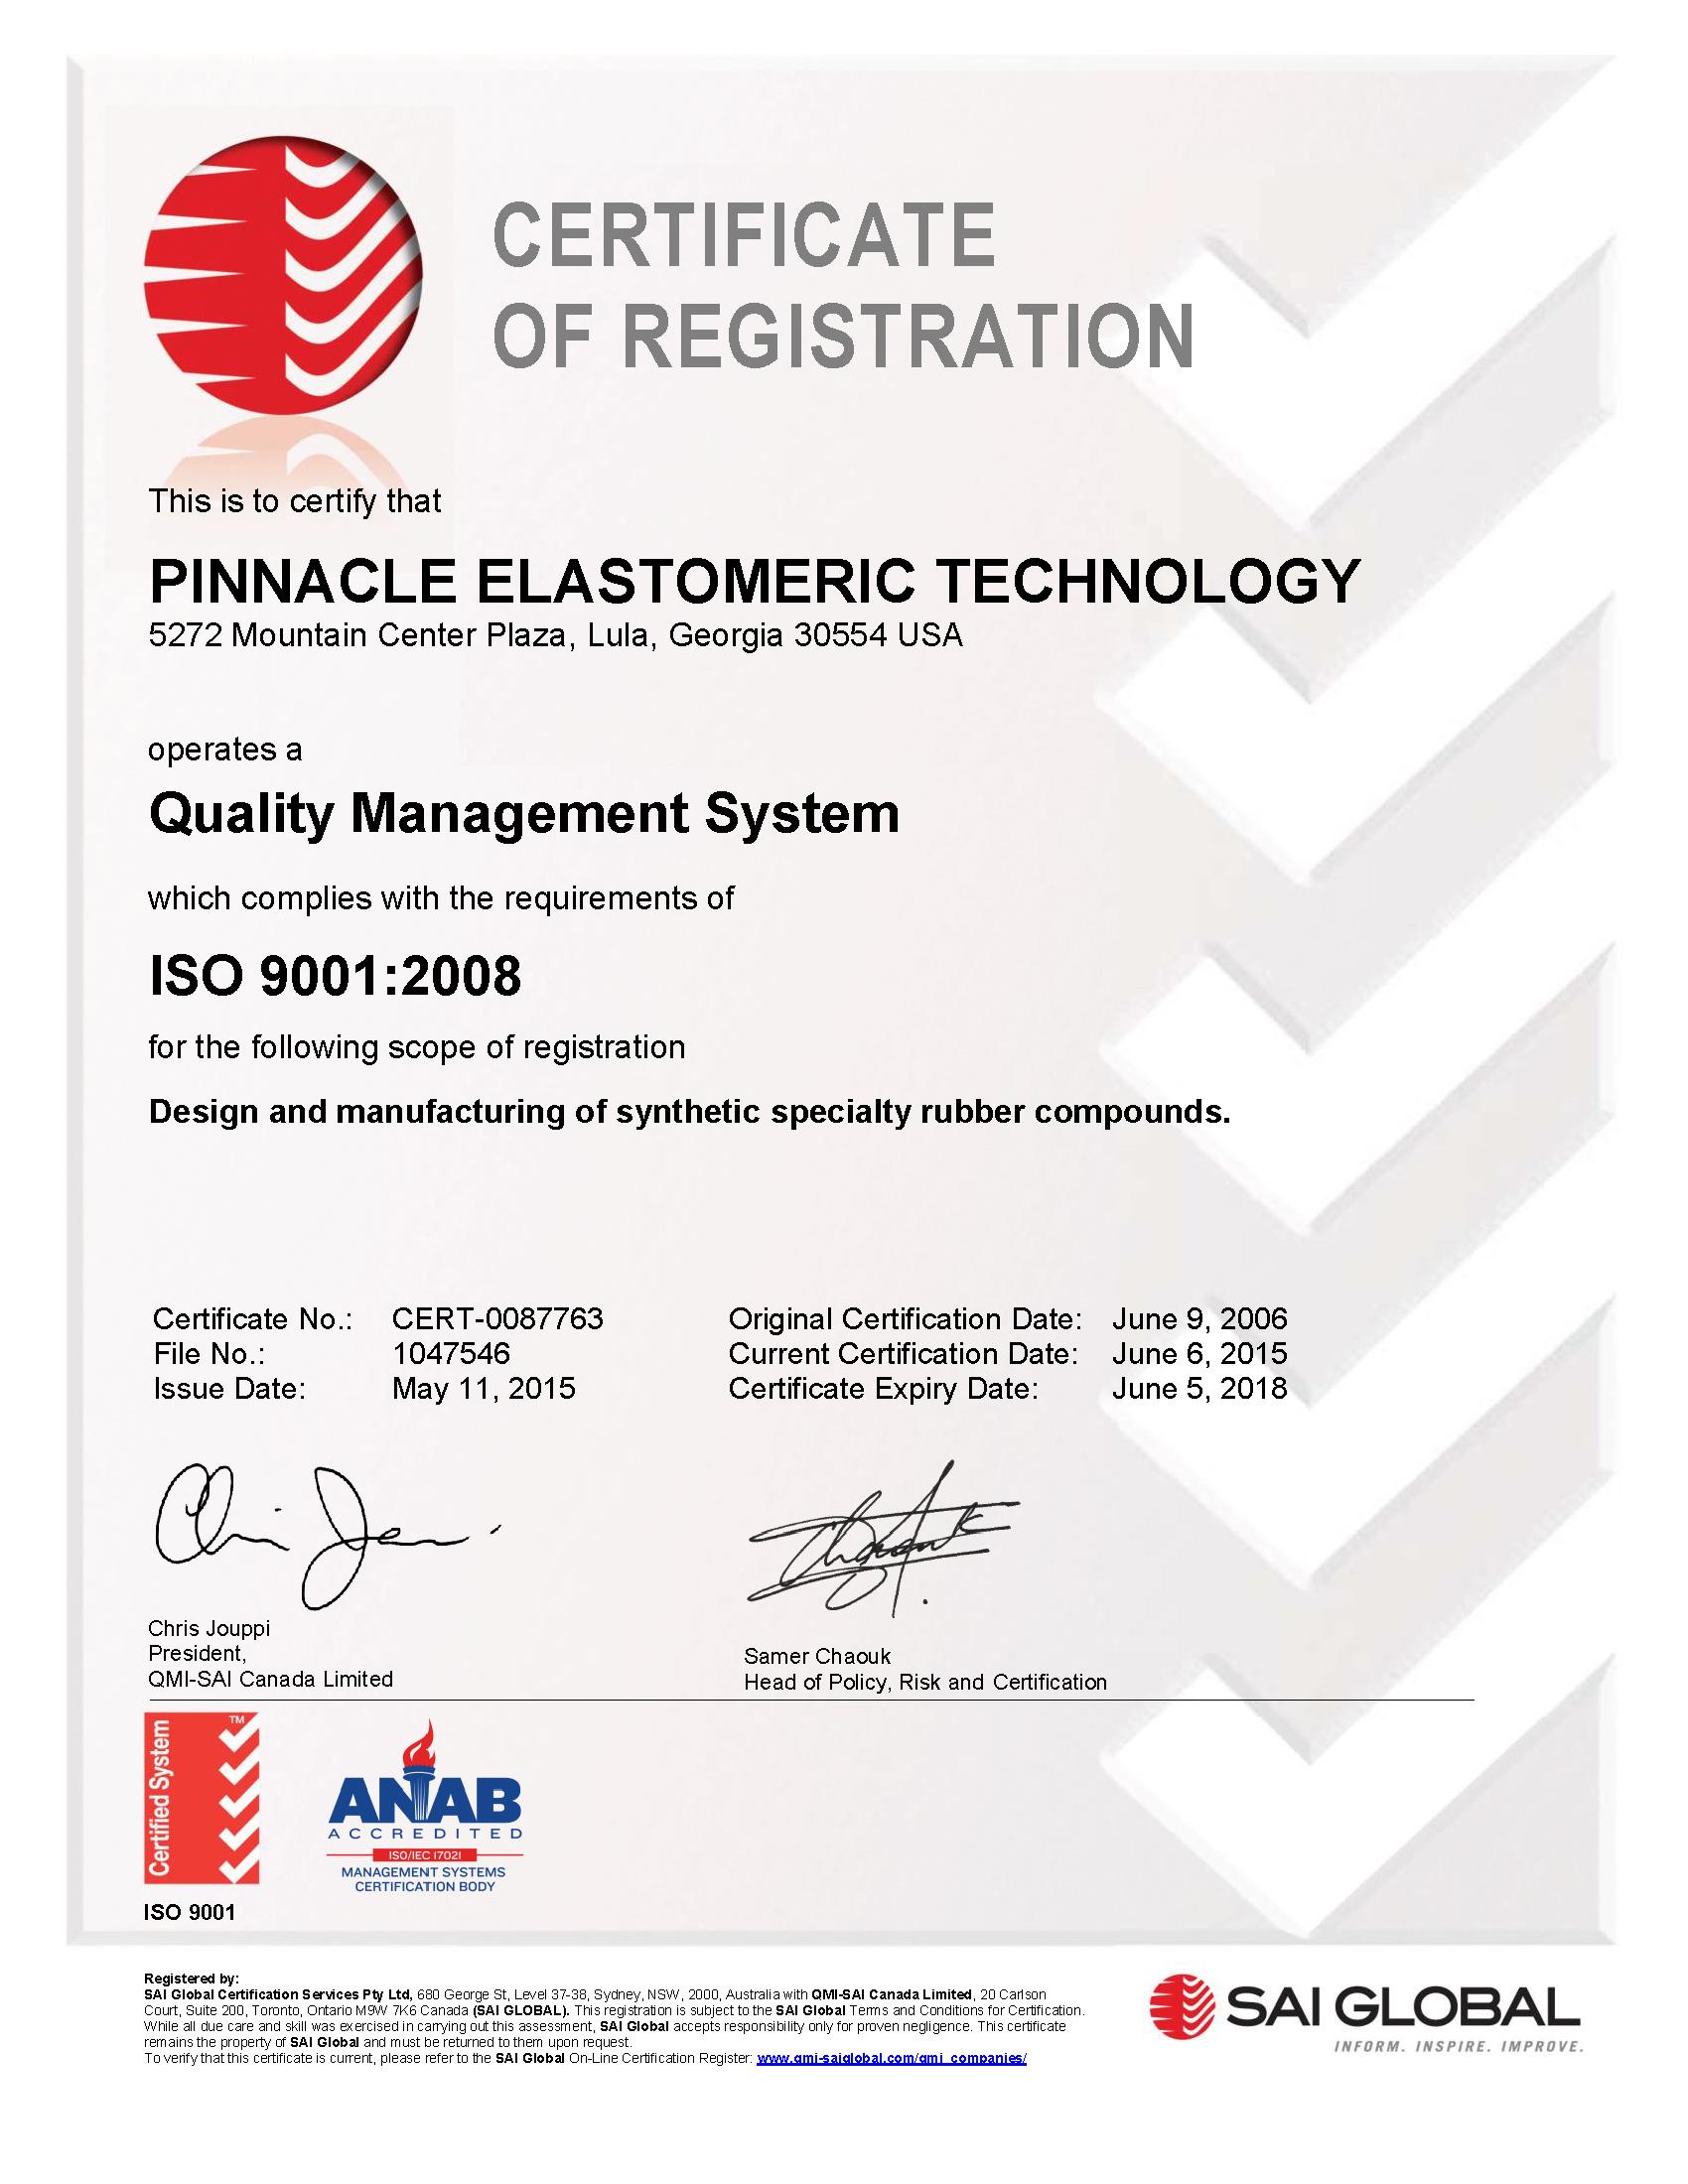 Pinnacle Elastomers - ISO 9001 certified